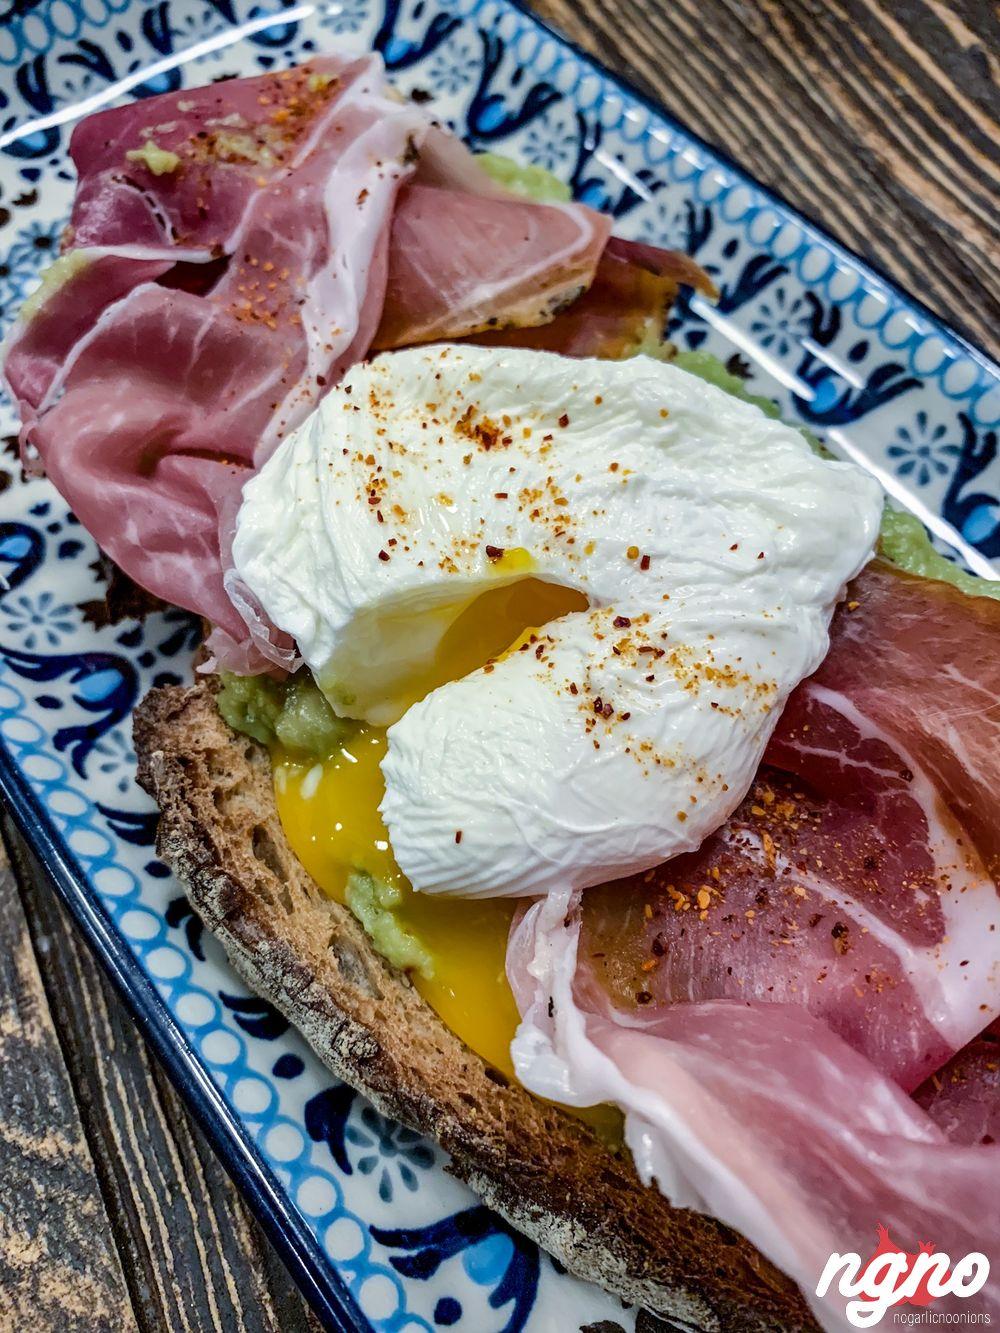 biglove-breakfast-paris-nogarlicnoonions-202018-10-13-05-39-51